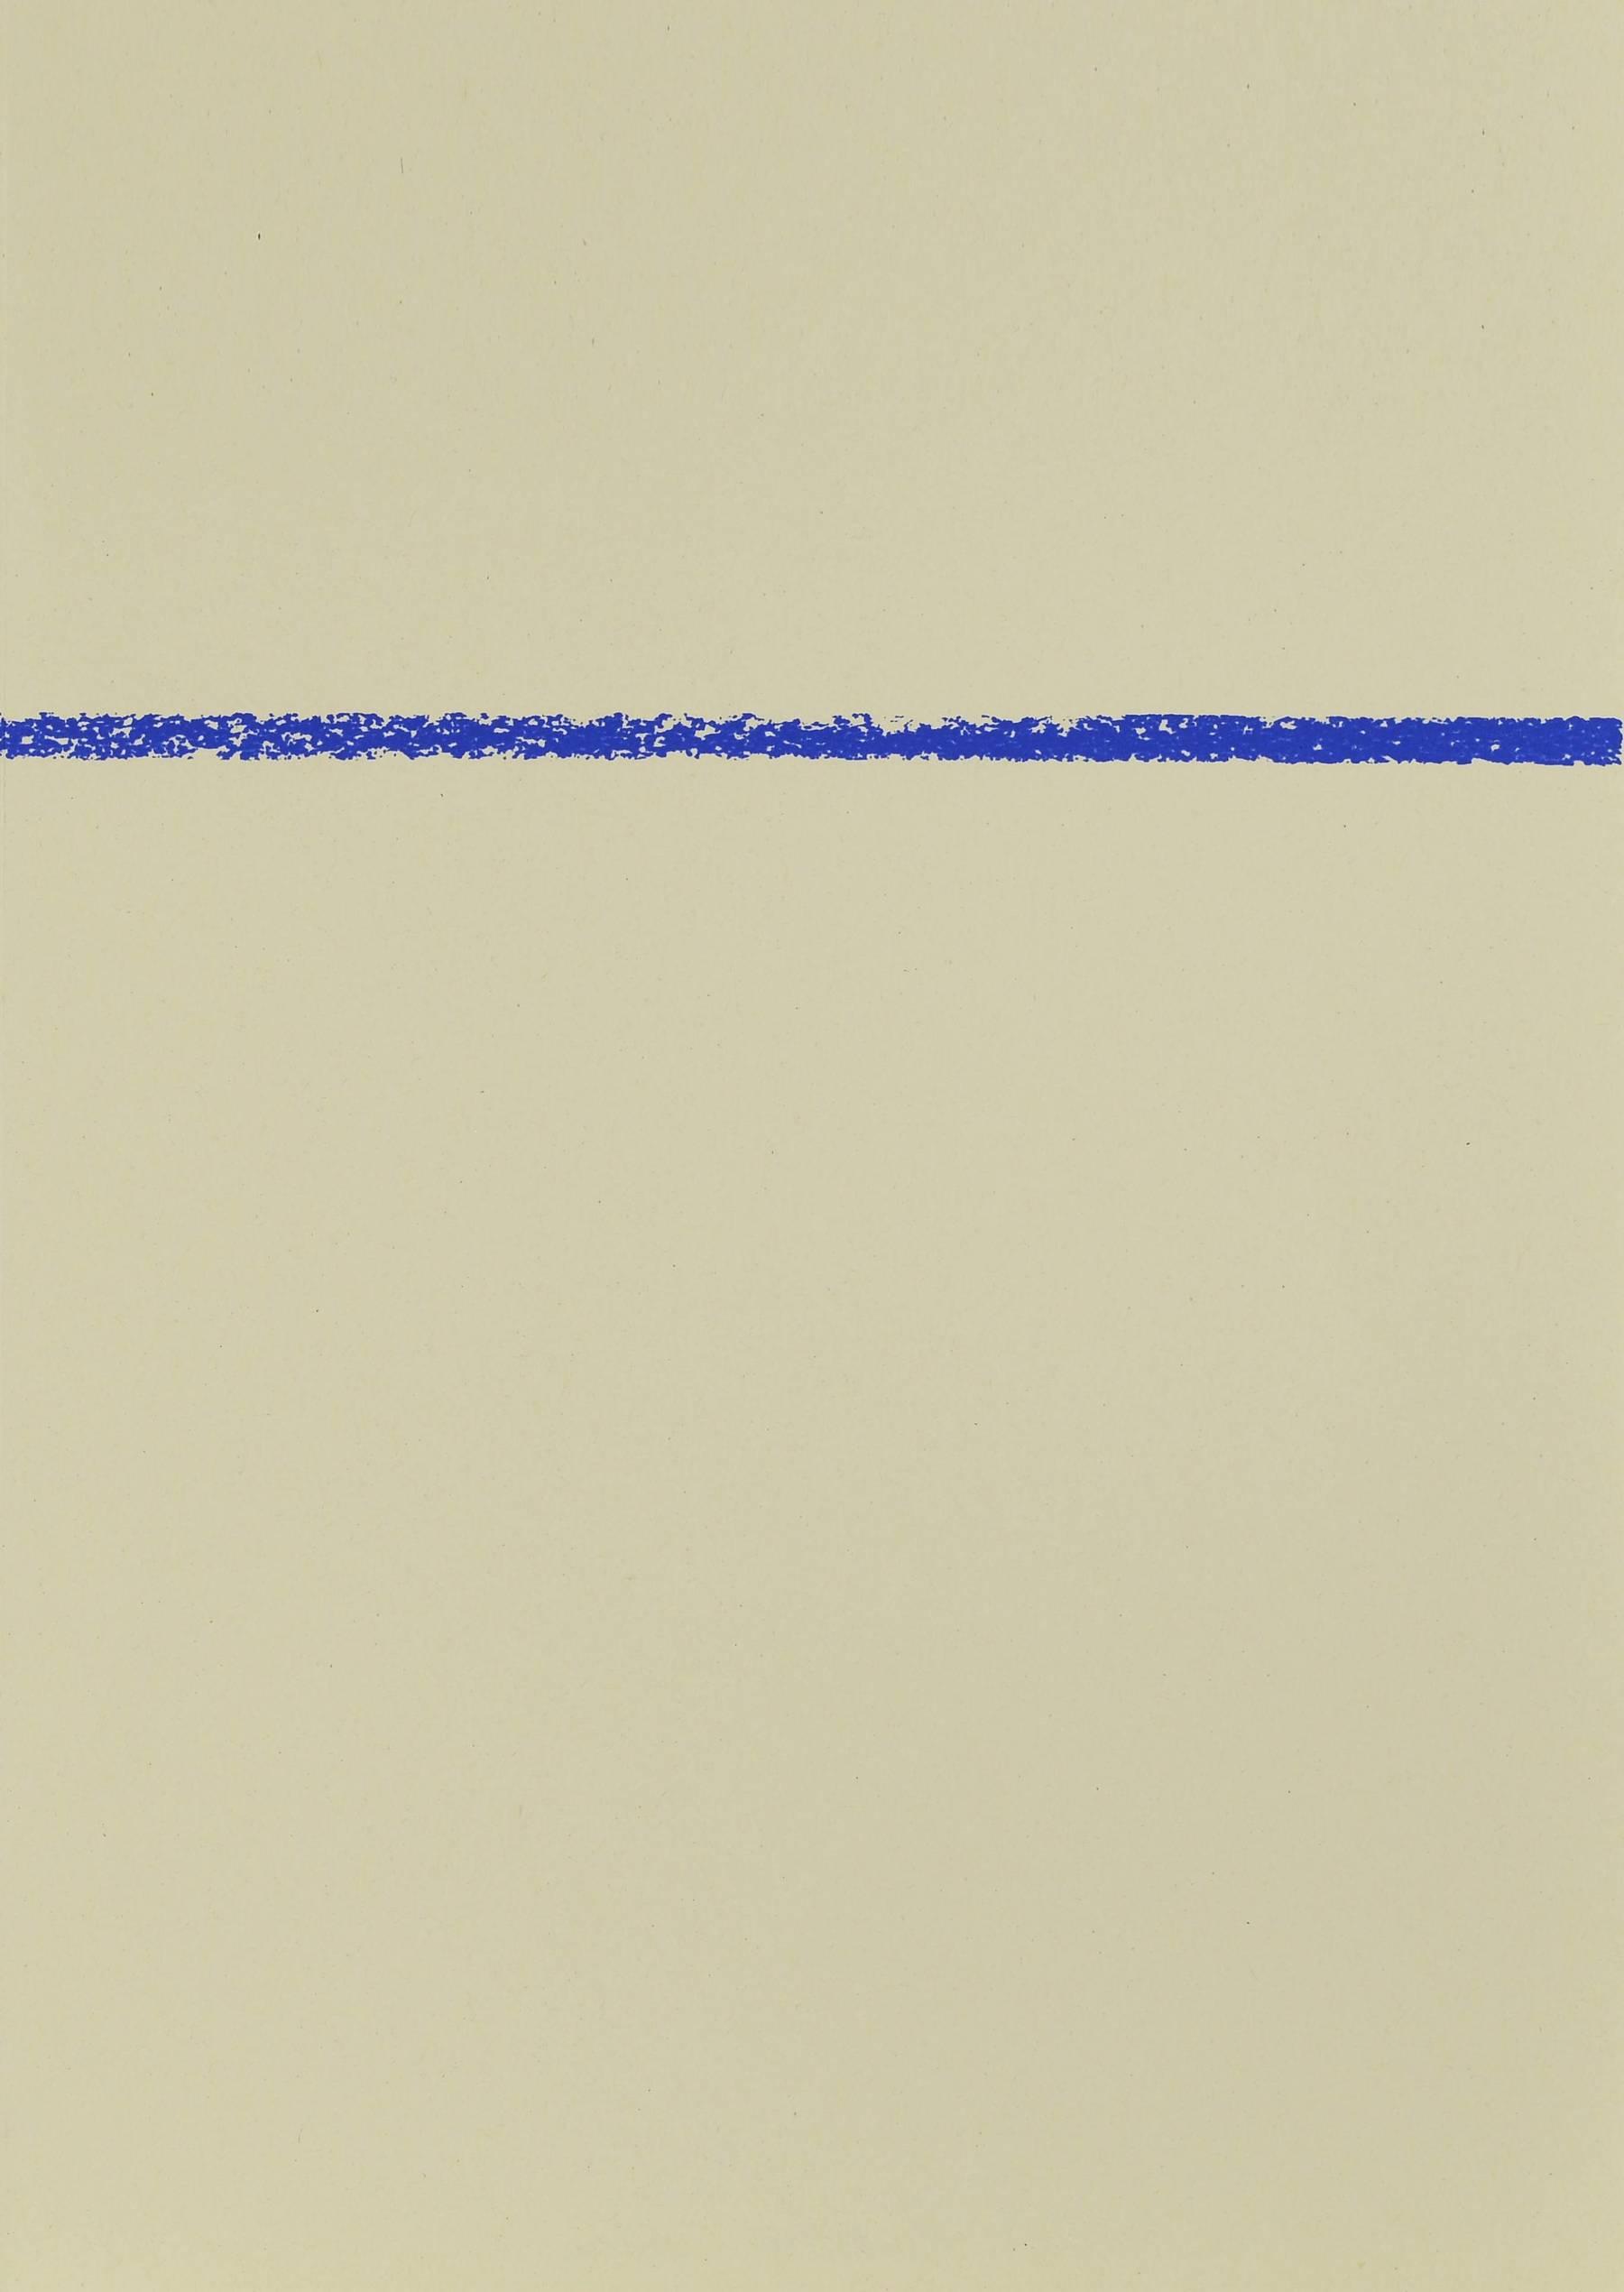 Contenu du La ligne bleue